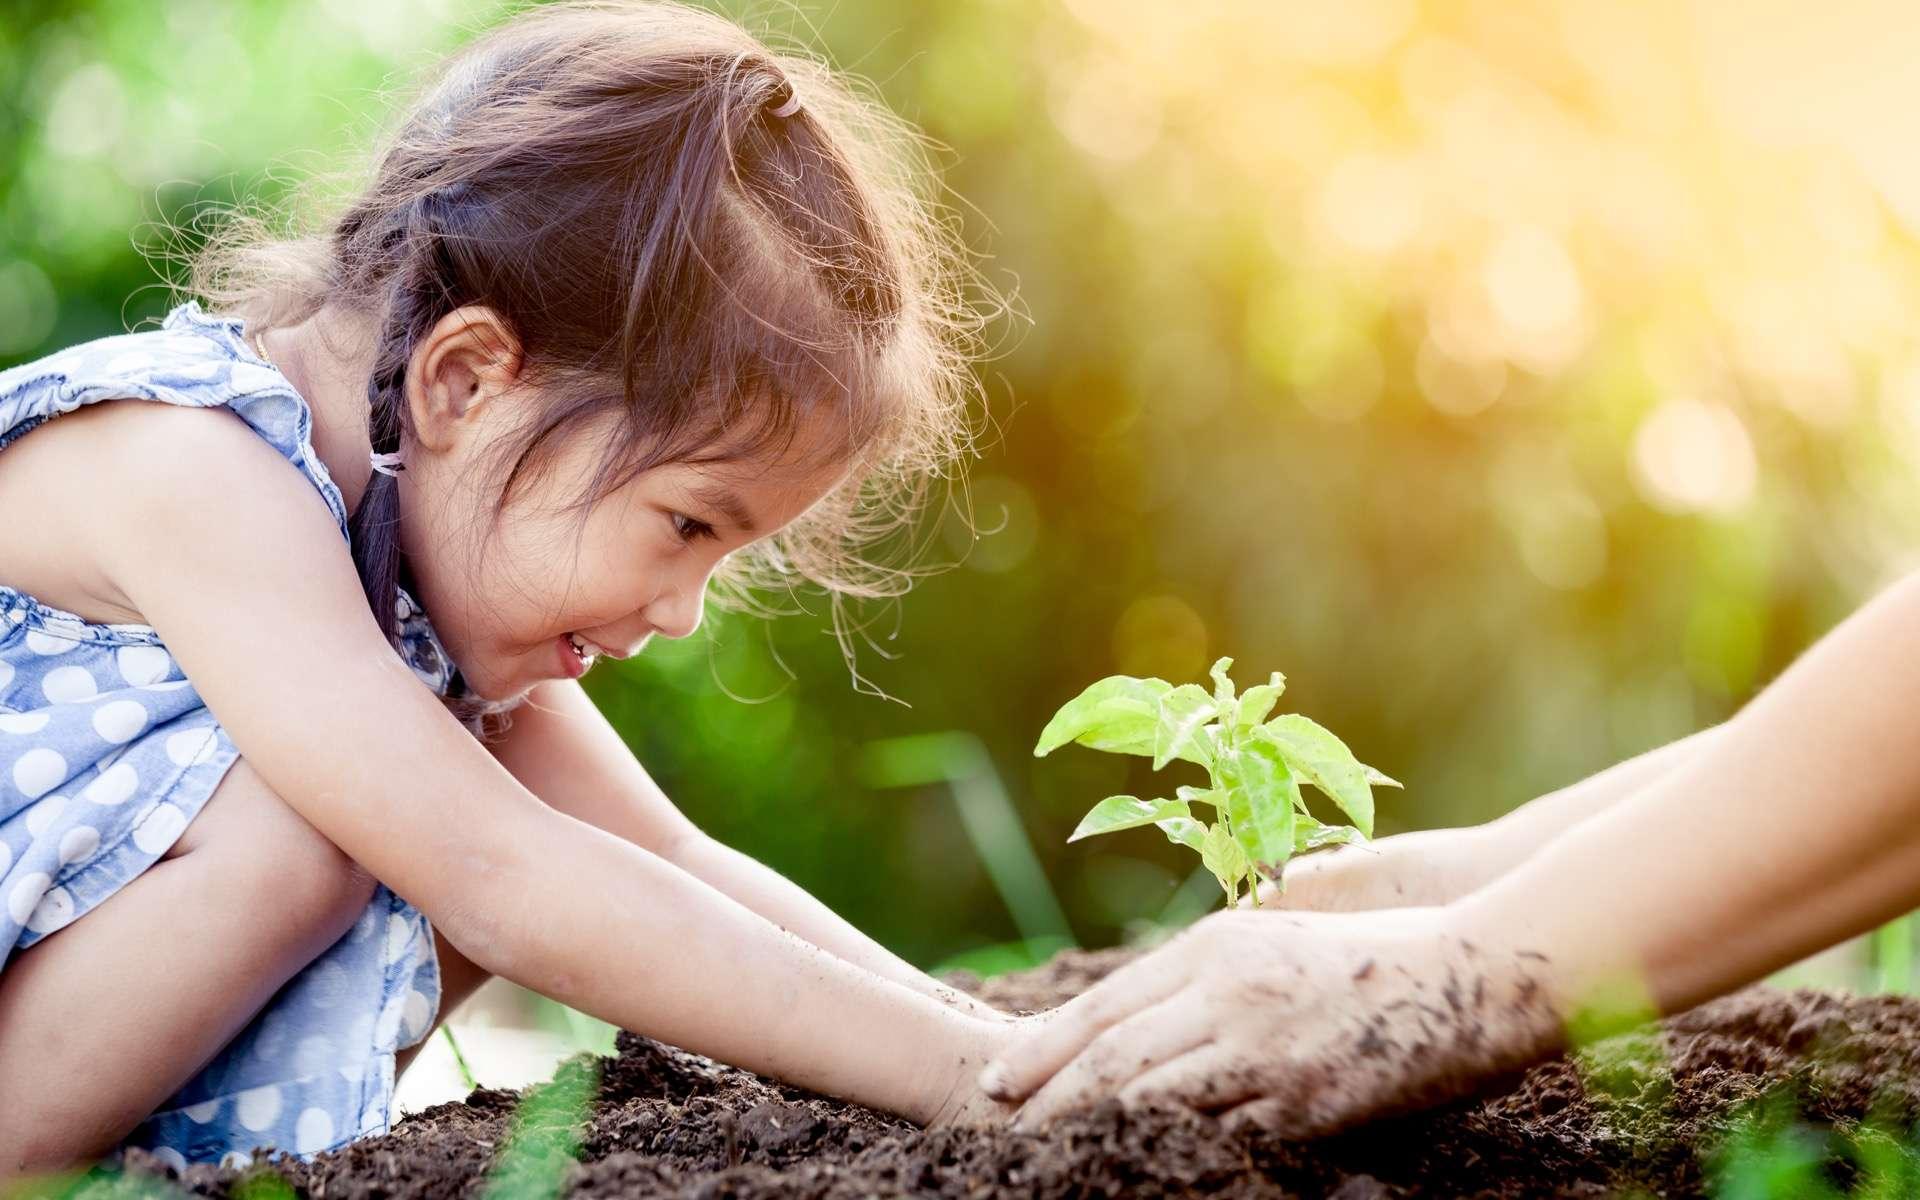 L'écologie est largement plébiscitée par les 80.000 Français qui ont répondu à la consultation citoyenne lancée par des associations et des ONG afin de construire une société post-Covid-19. © Pingpao, Adobe Stock